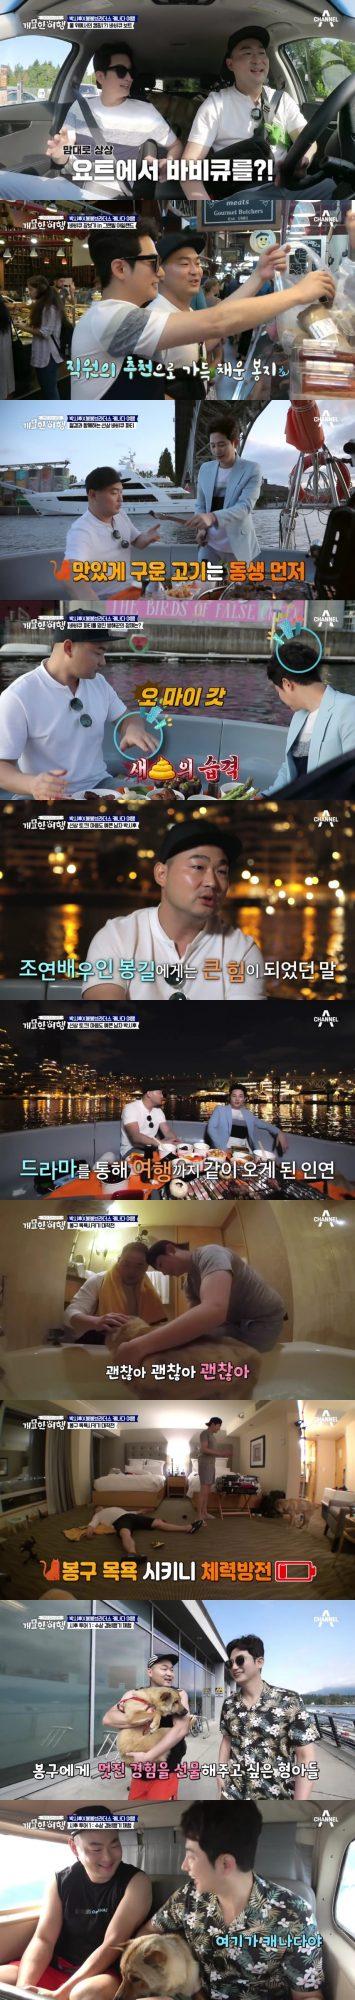 채널A '개밥 주는 남자-개묘한 여행' 방송화면. /사진제공=채널A